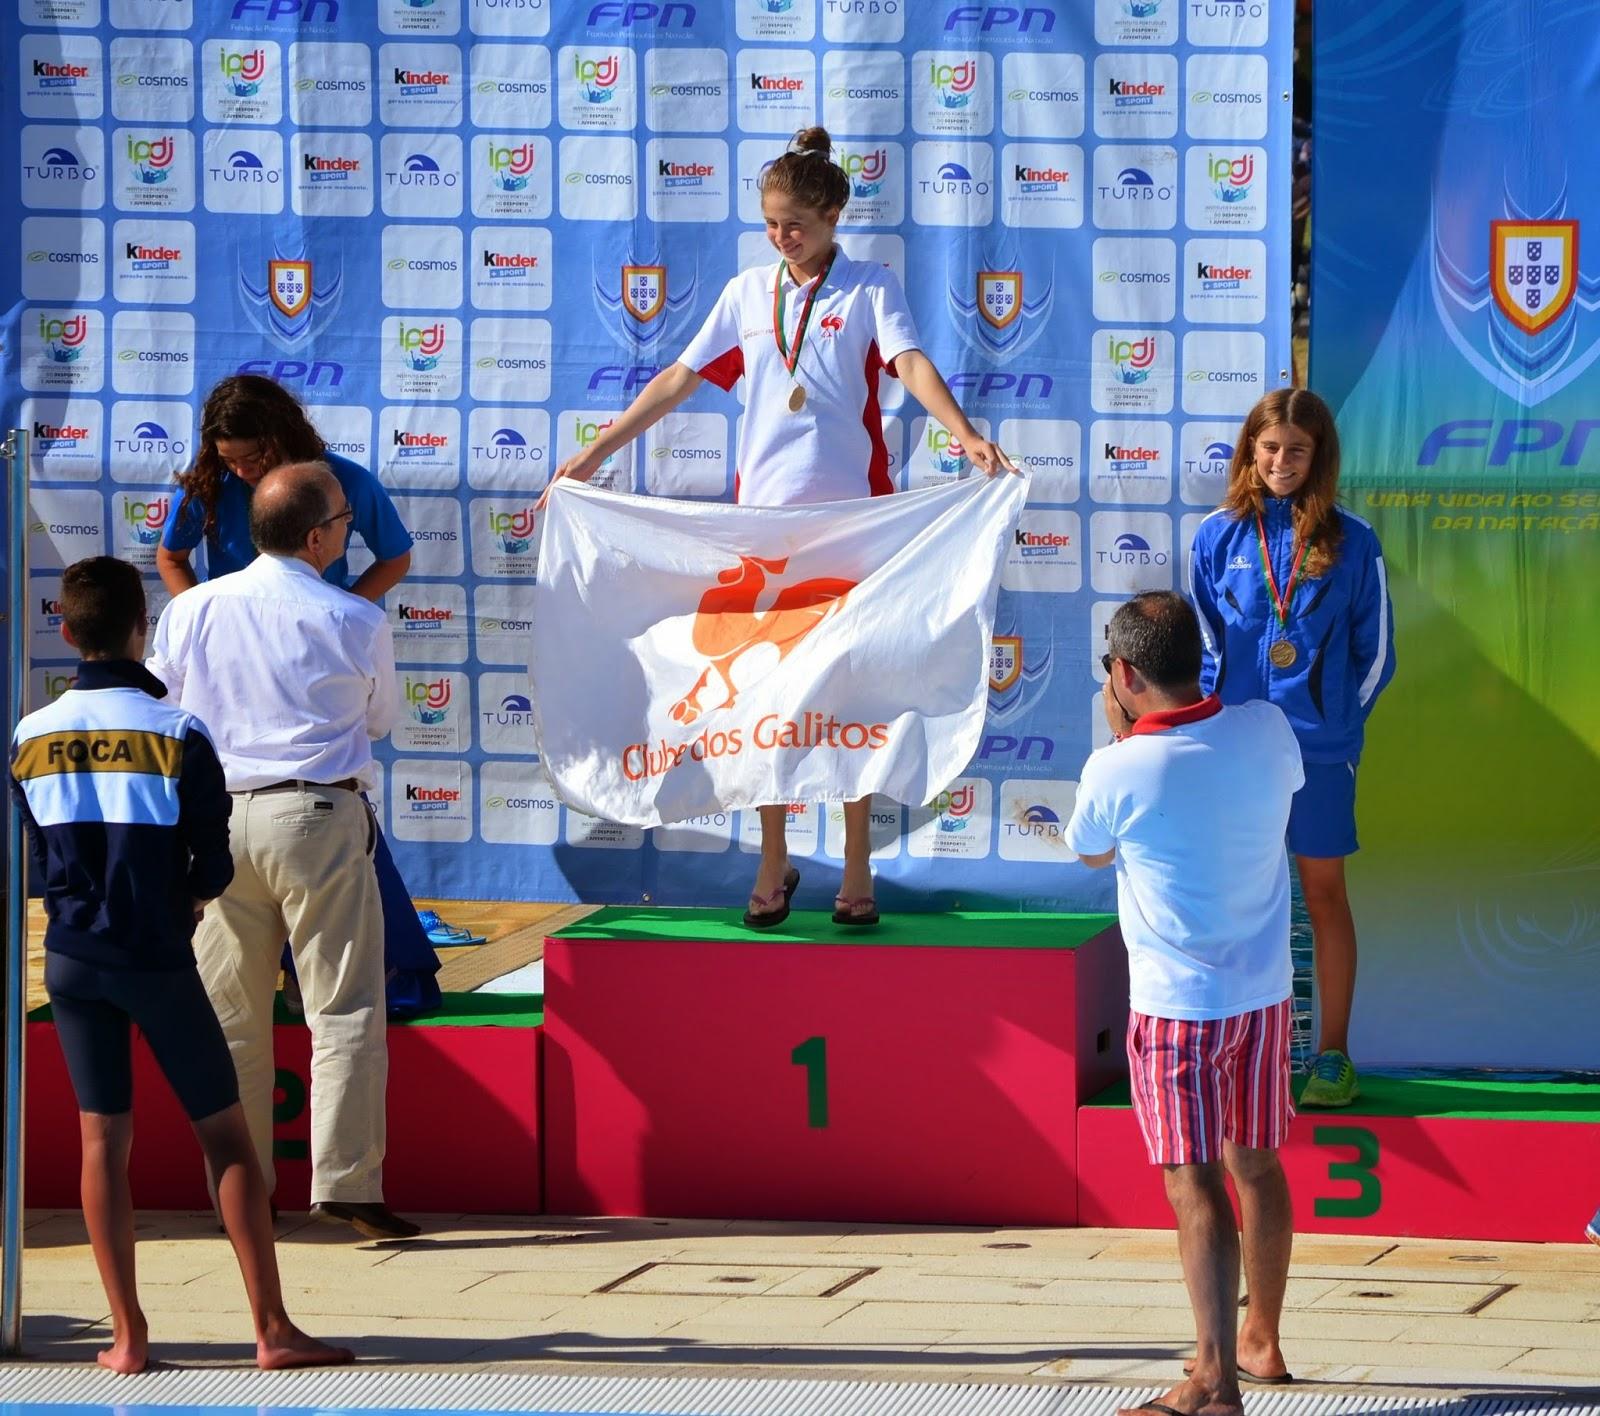 Natação: Campeonatos Nacionais de Infantis